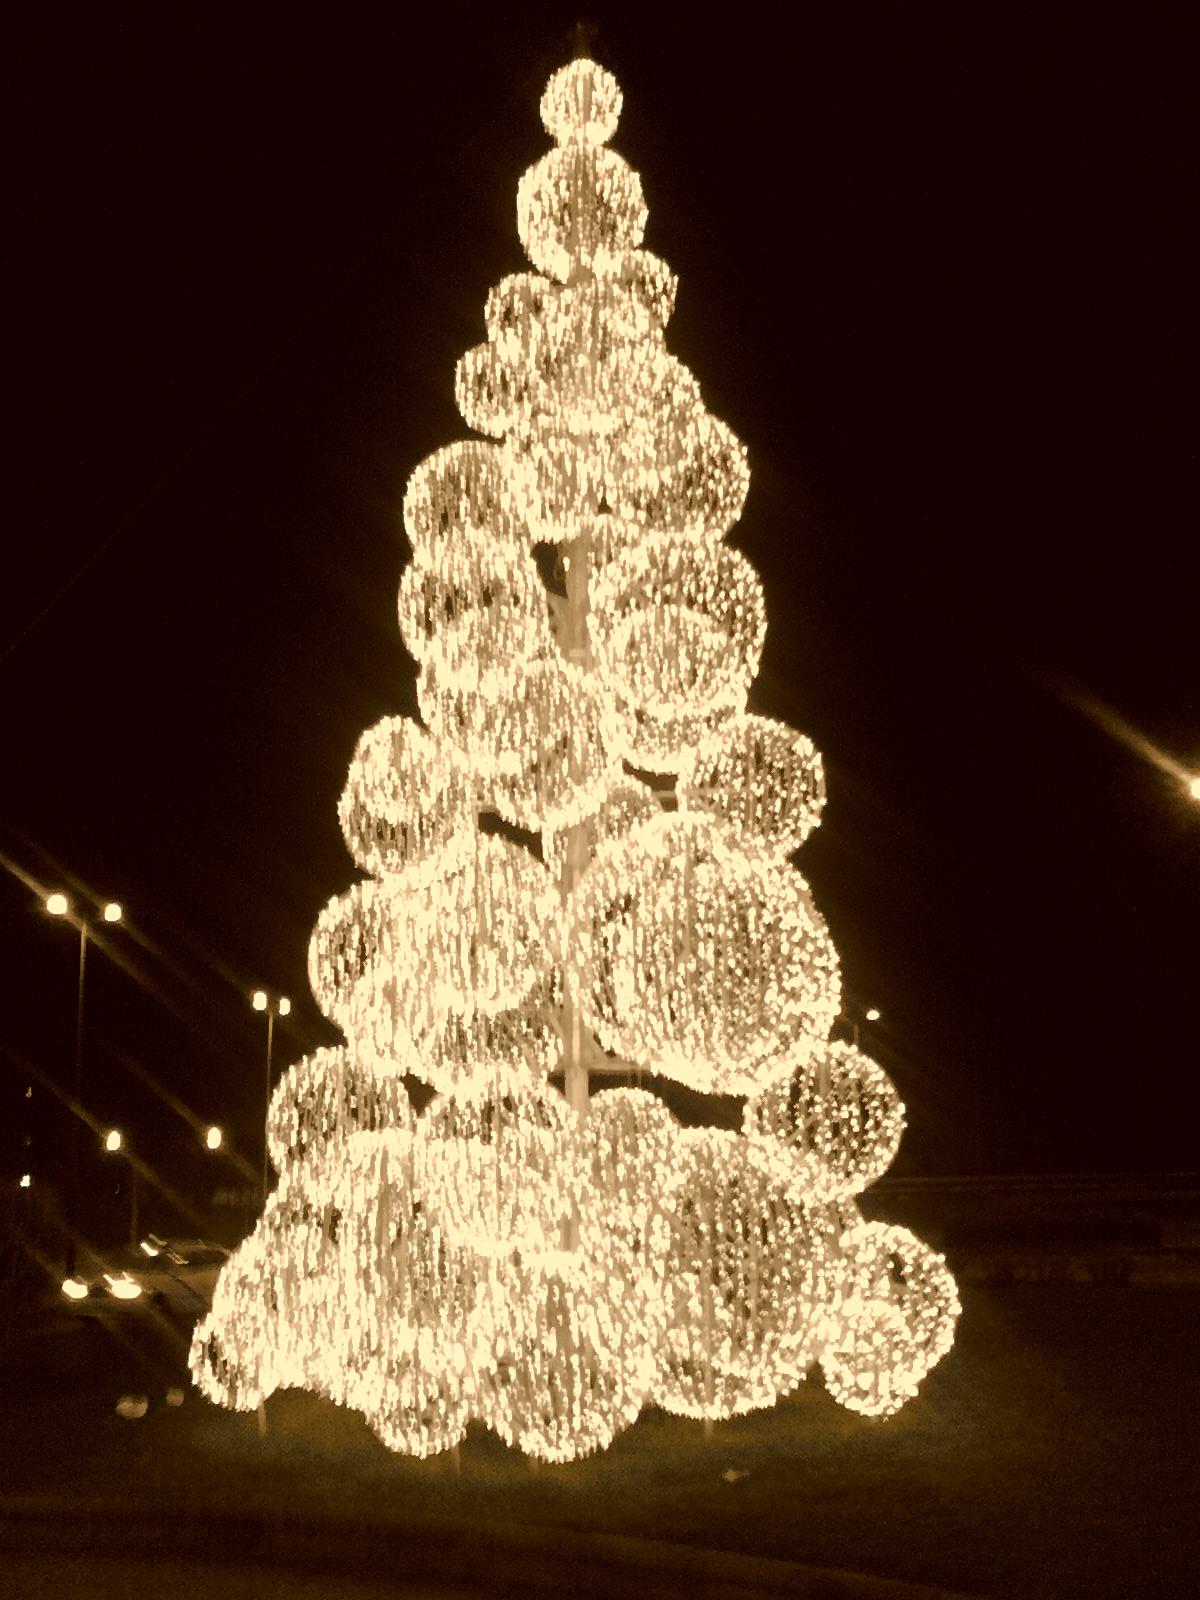 filerbol de navidad frente al teatro prez galds en las palmas de gran canaria